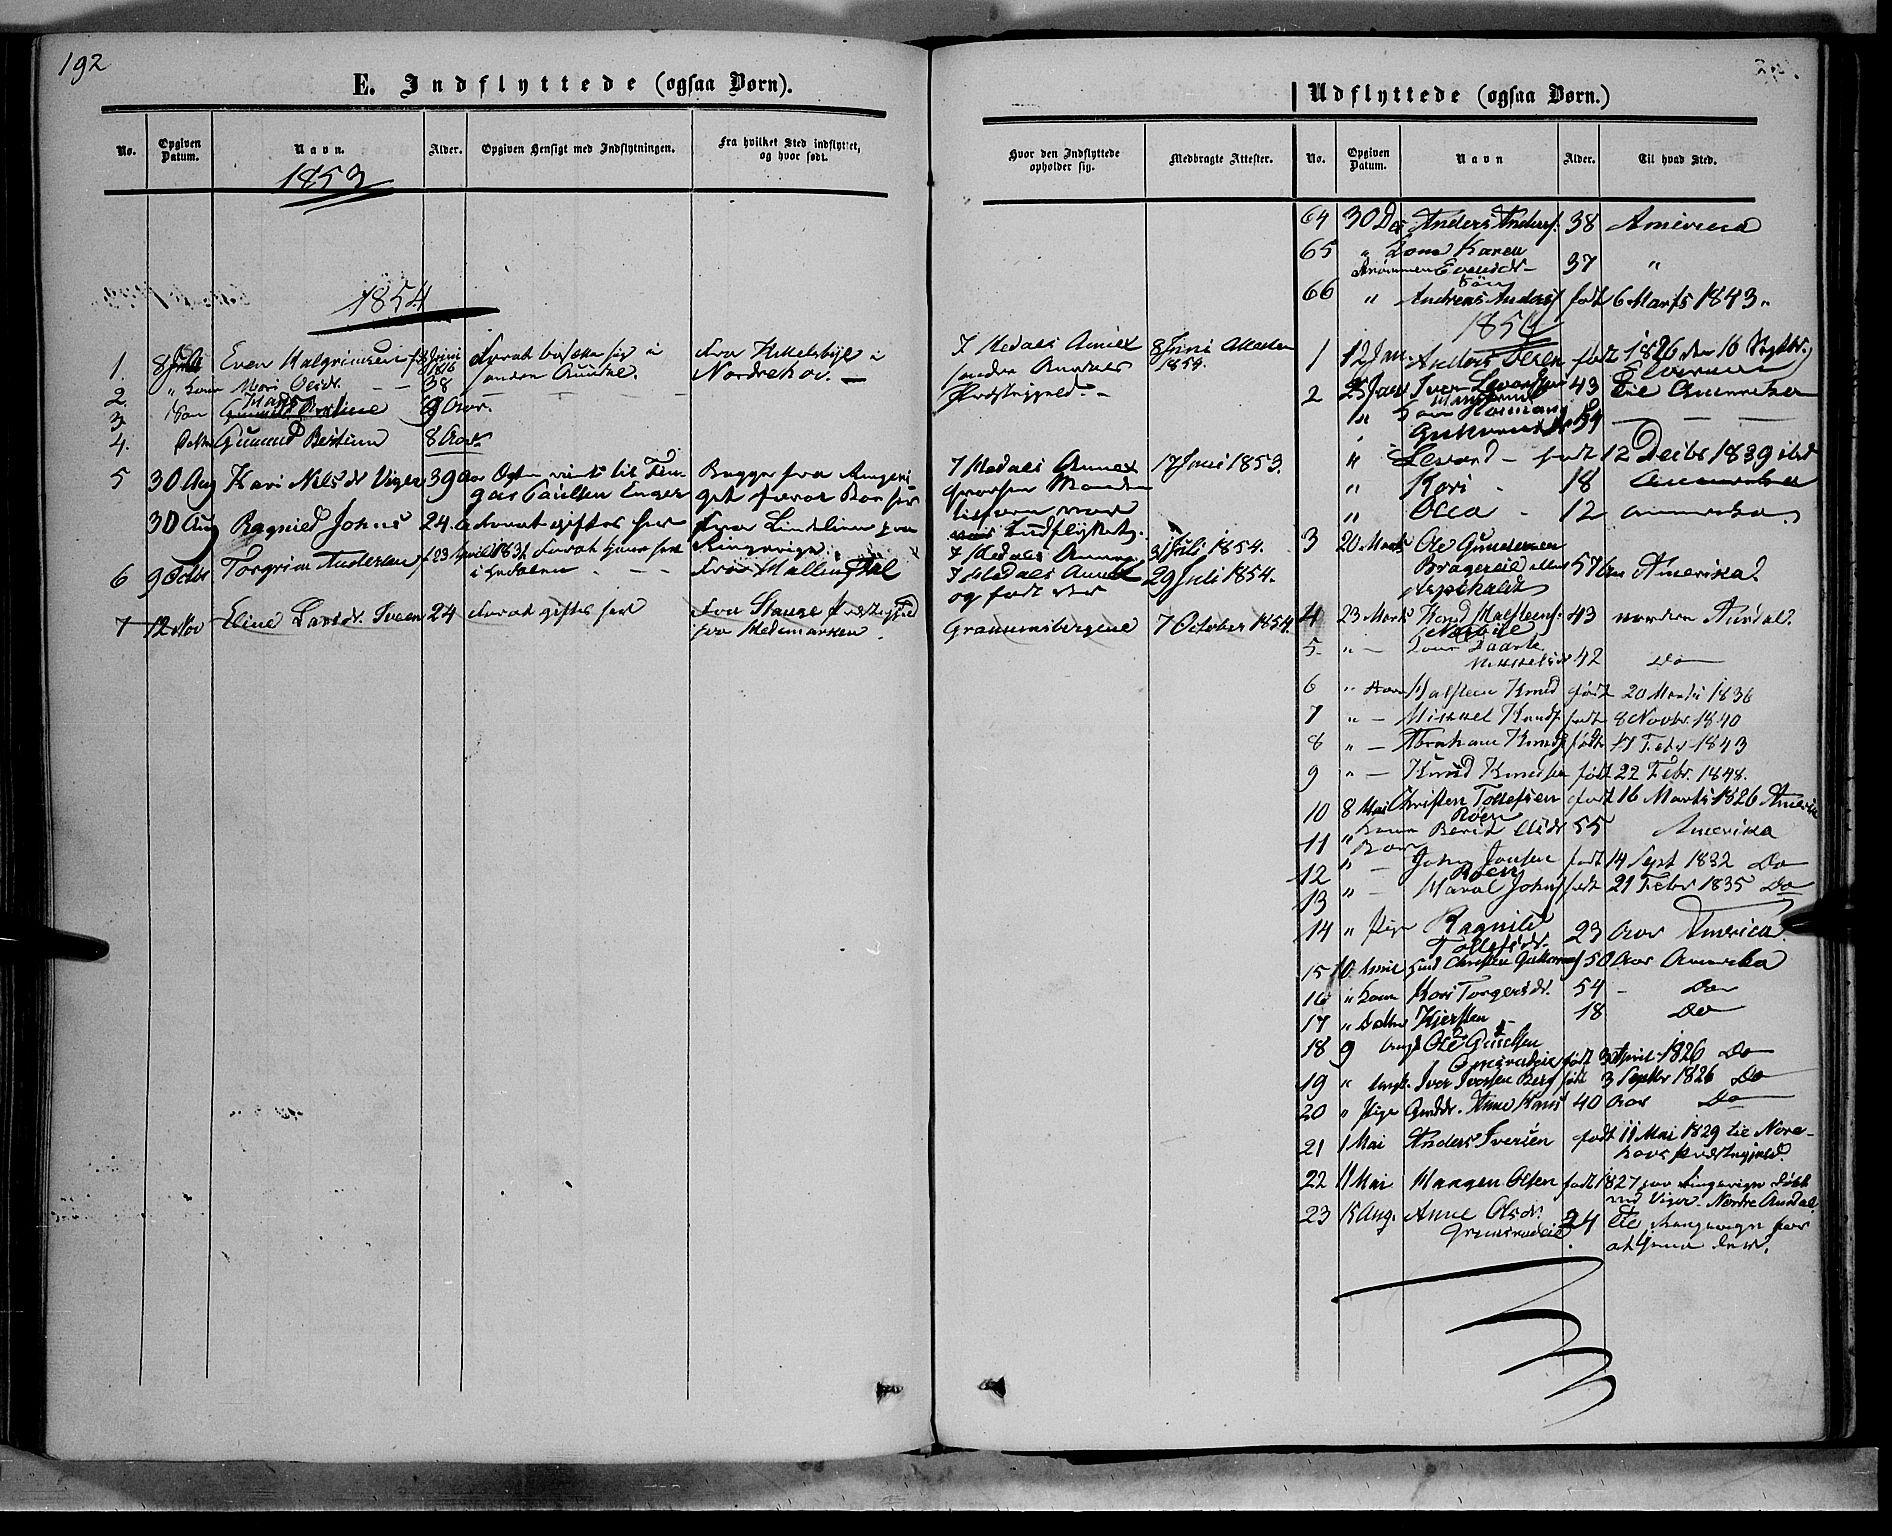 SAH, Sør-Aurdal prestekontor, Ministerialbok nr. 7, 1849-1876, s. 192